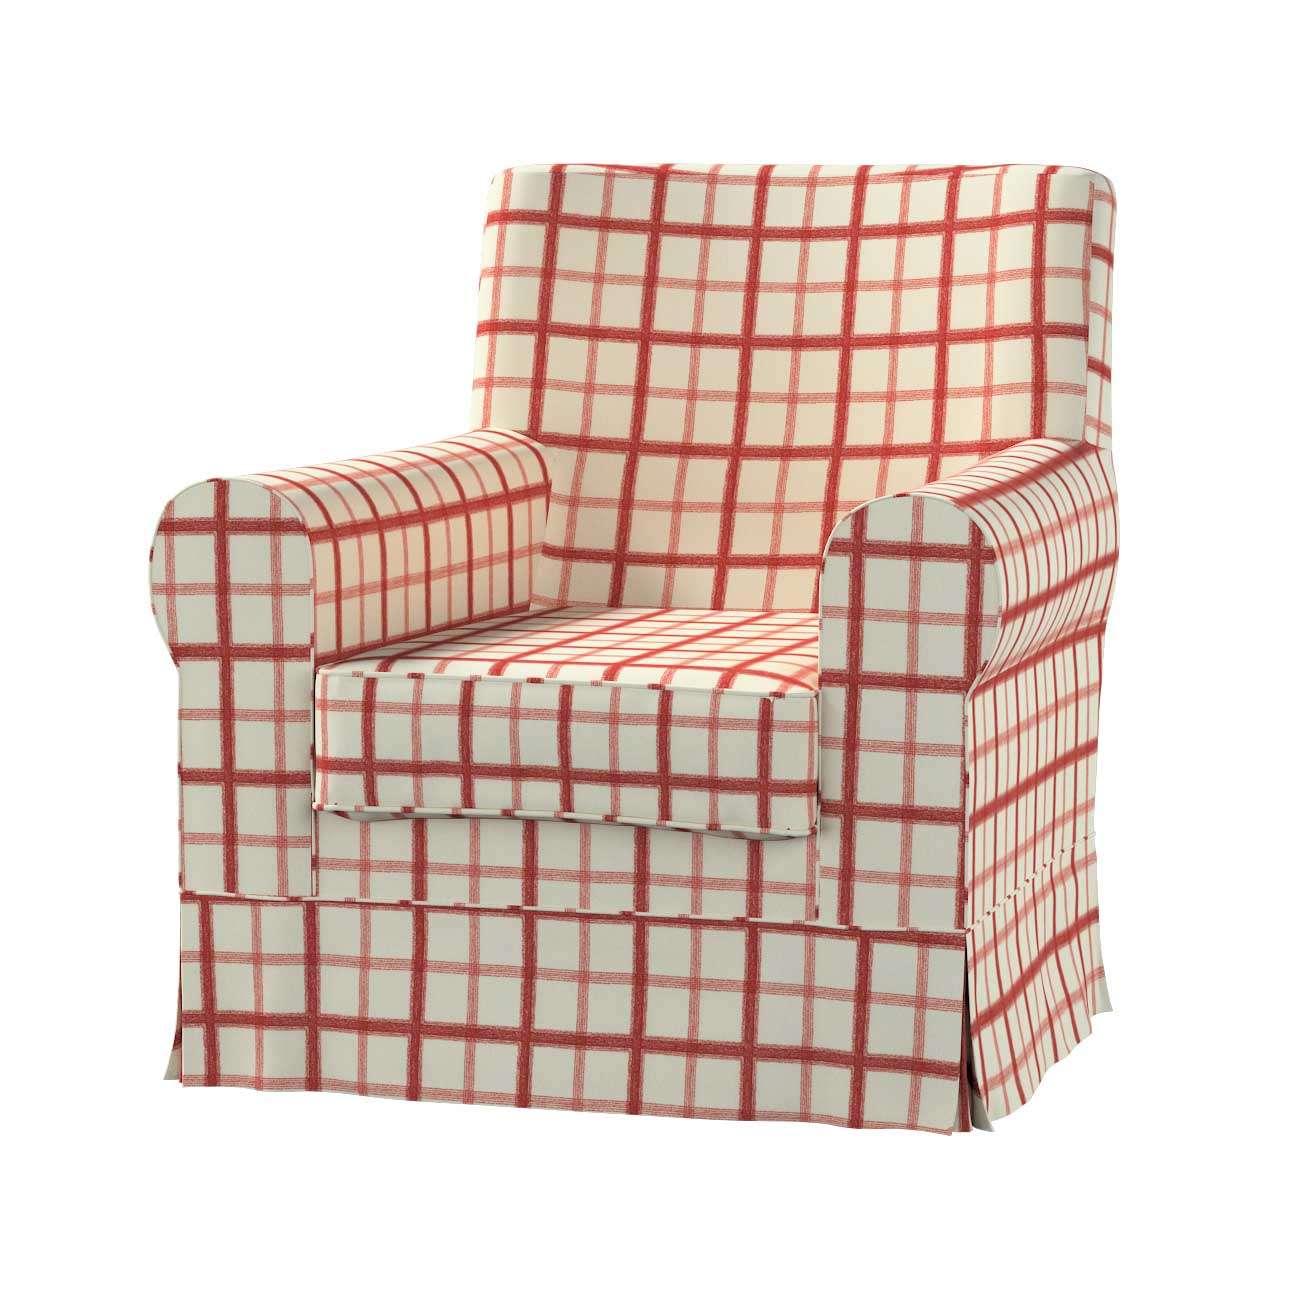 EKTORP JENNYLUND fotelio užvalkalas Ektorp Jennylund fotelio užvalkalas kolekcijoje Avinon, audinys: 131-15